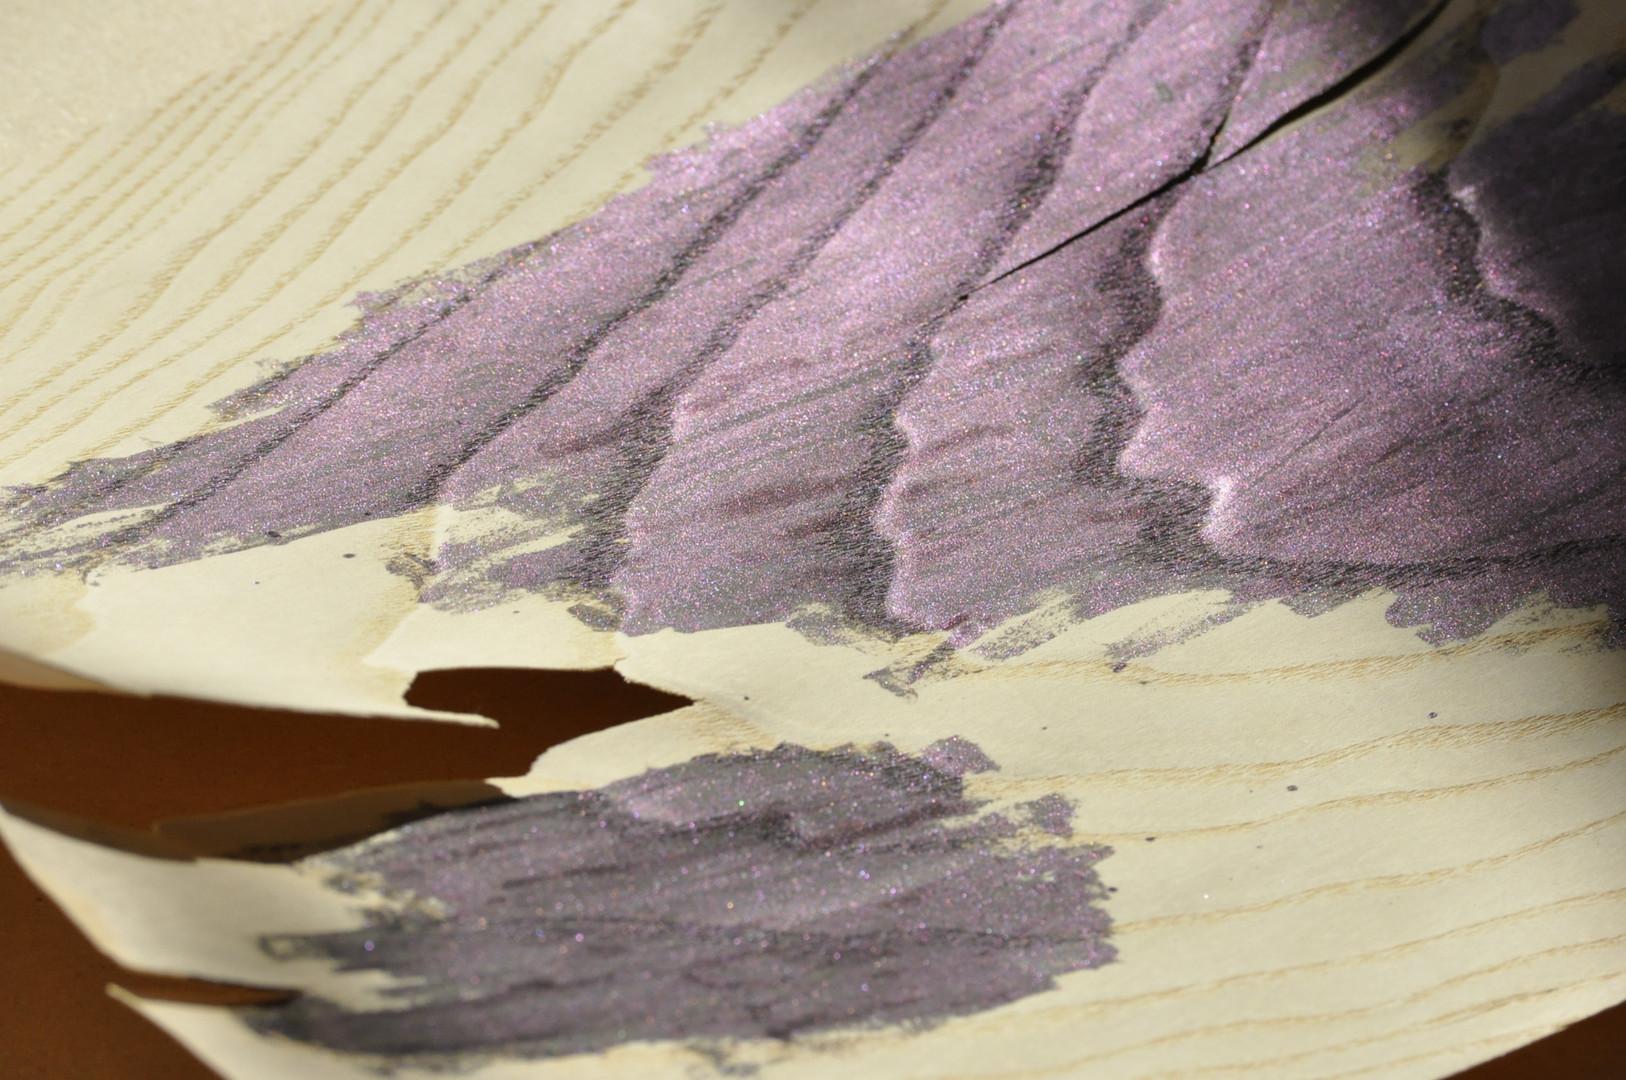 Nail varnish on wood